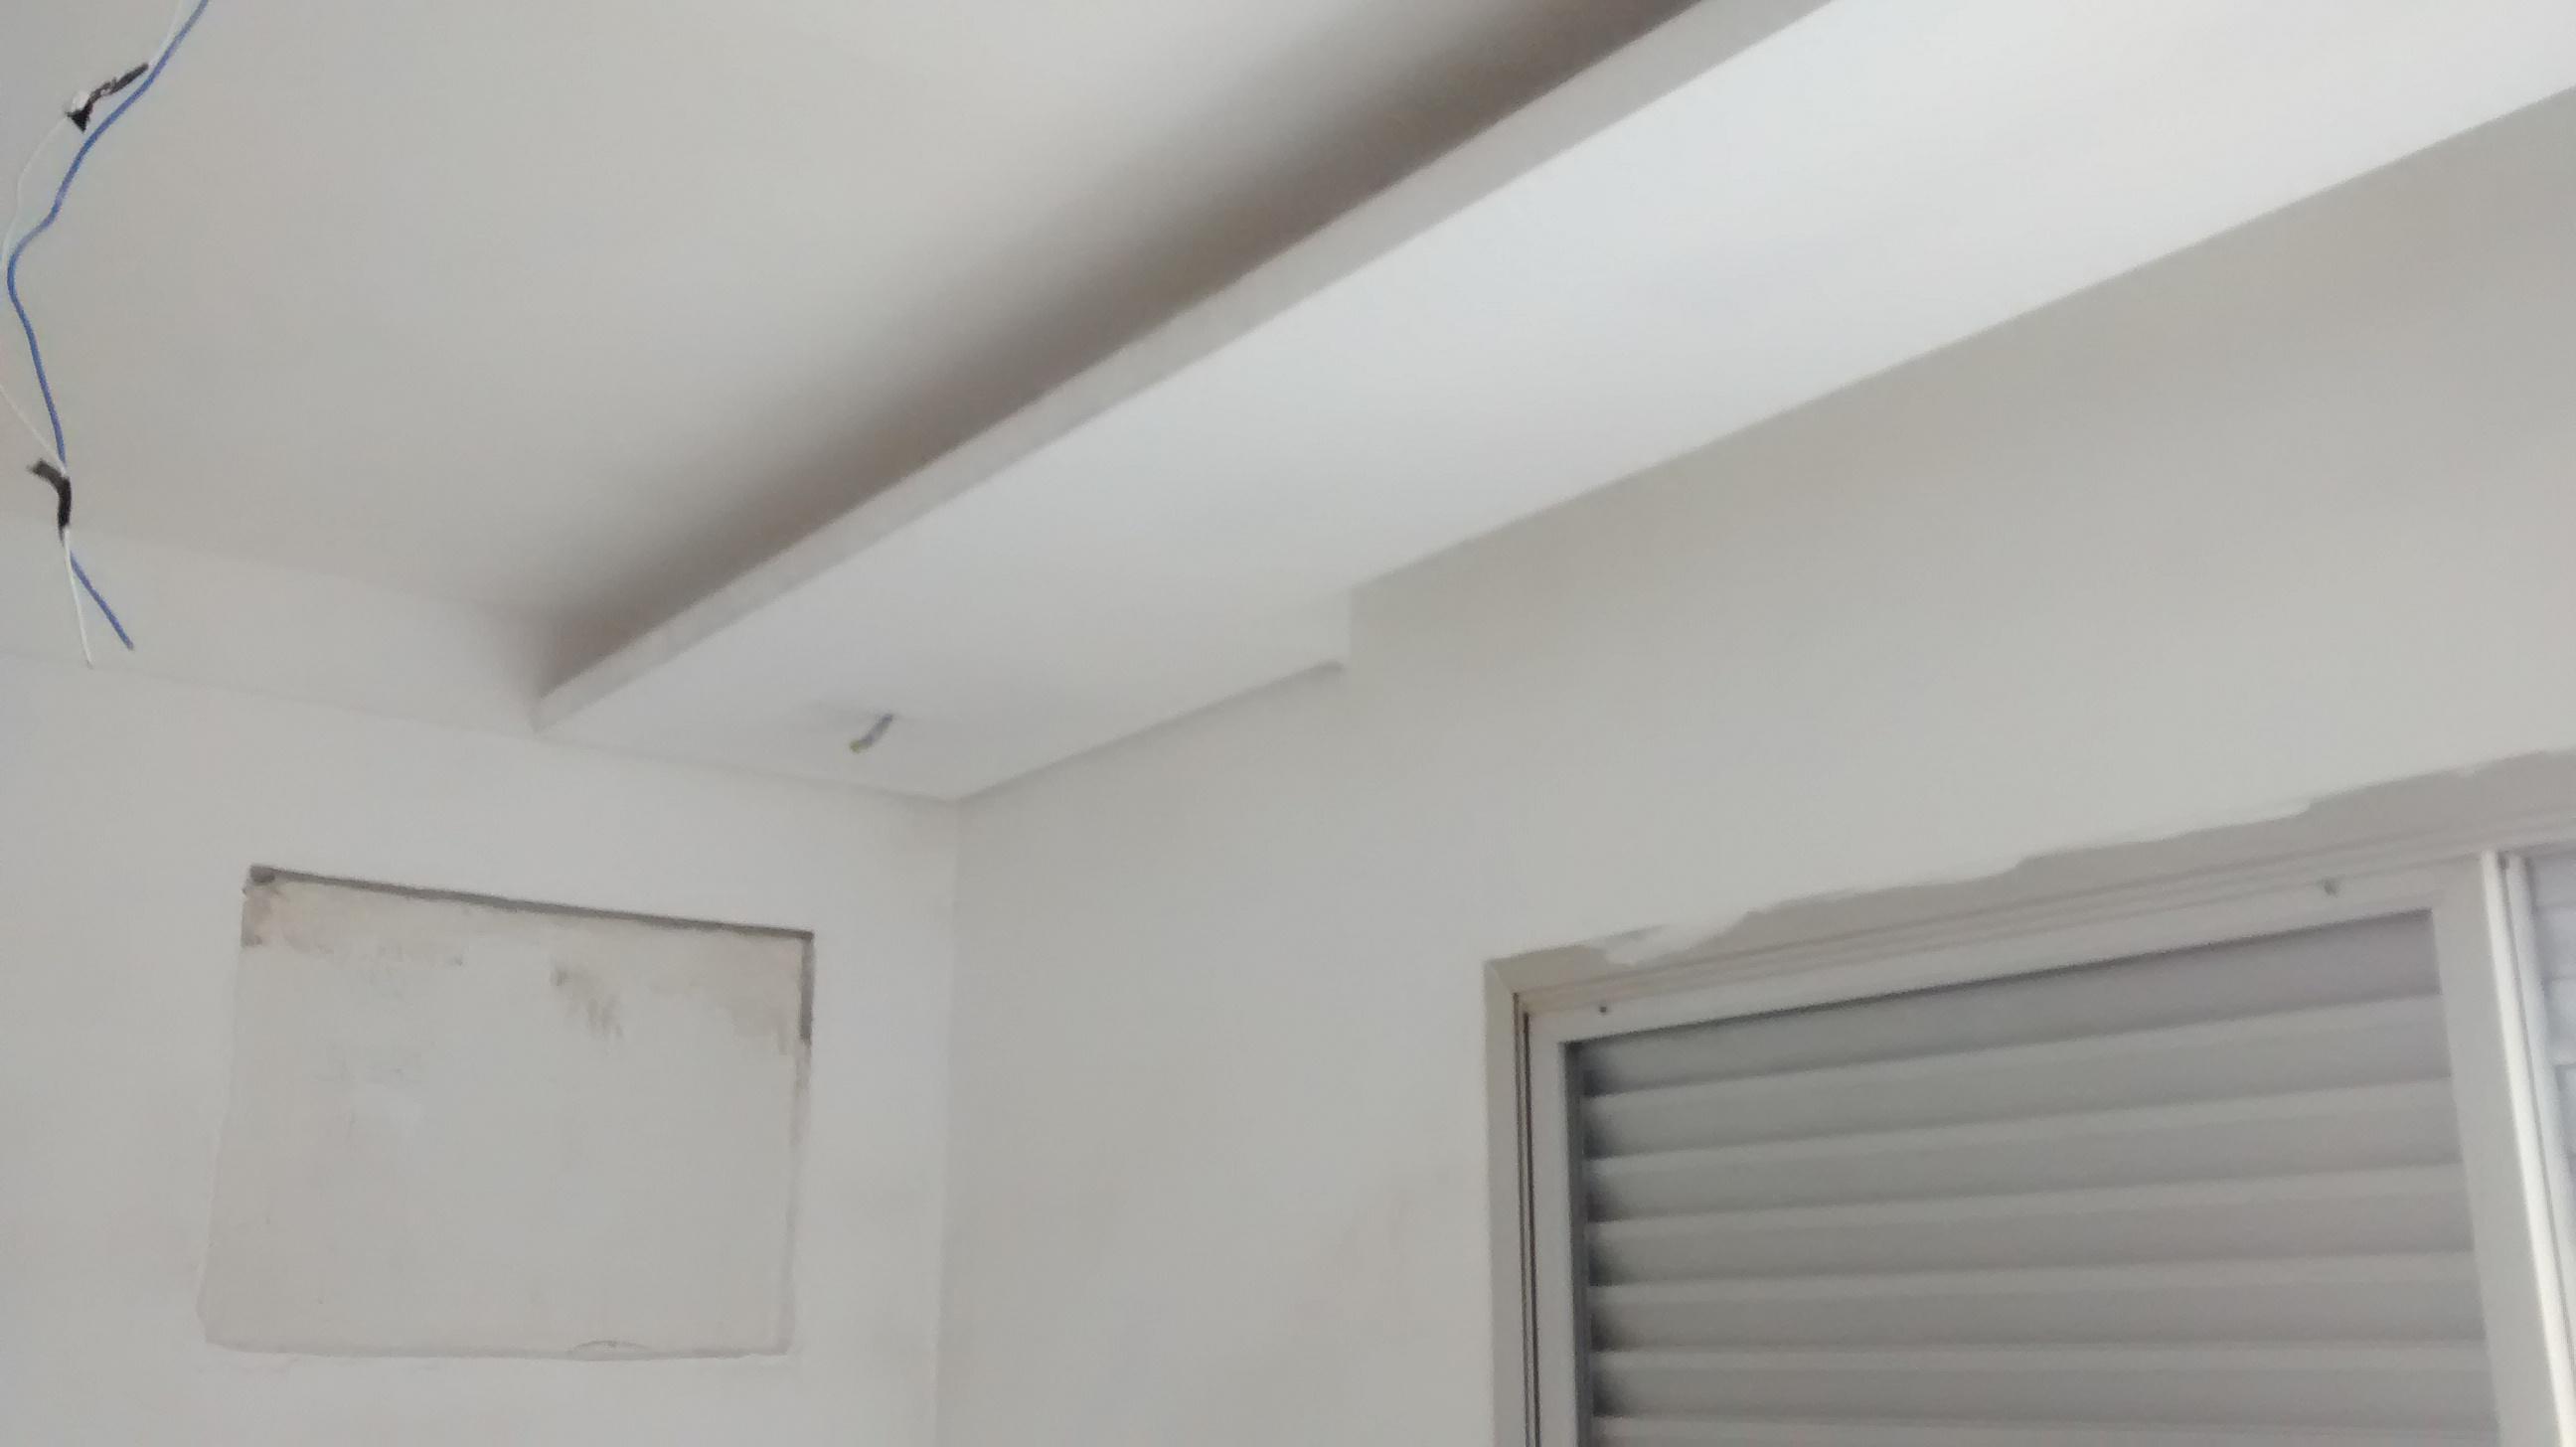 Gesso Sancas e Iluminação DryWall Molduras de Gesso Geso Liso #5B5753 2592 1456